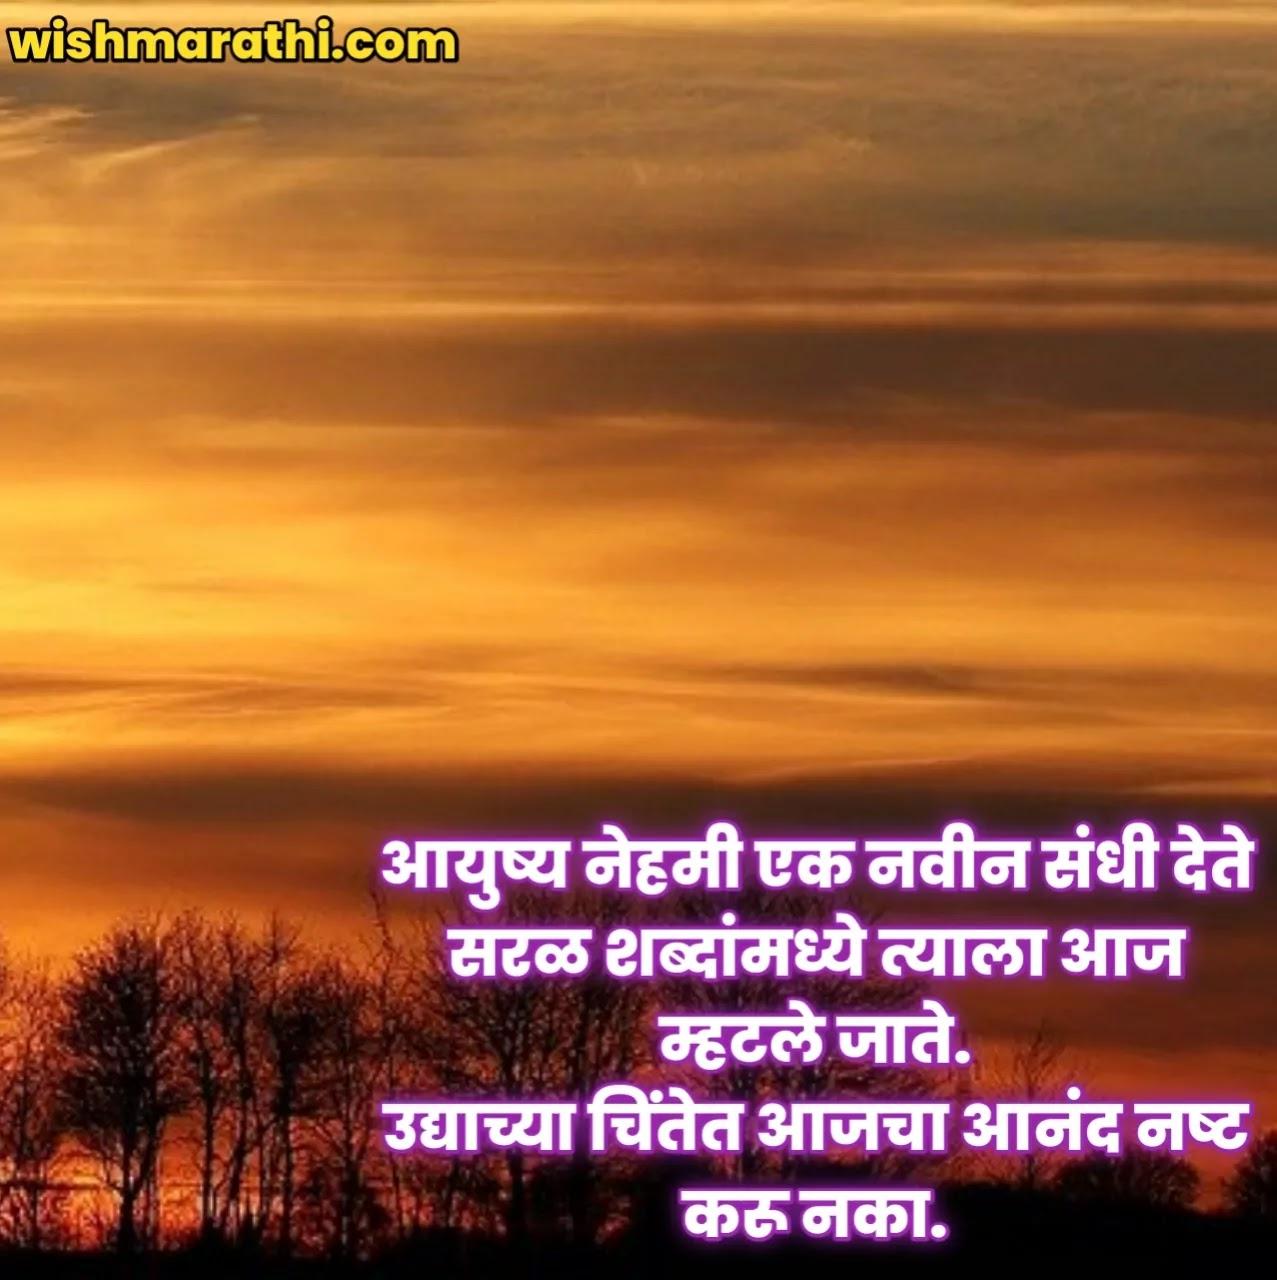 good evening images marathi